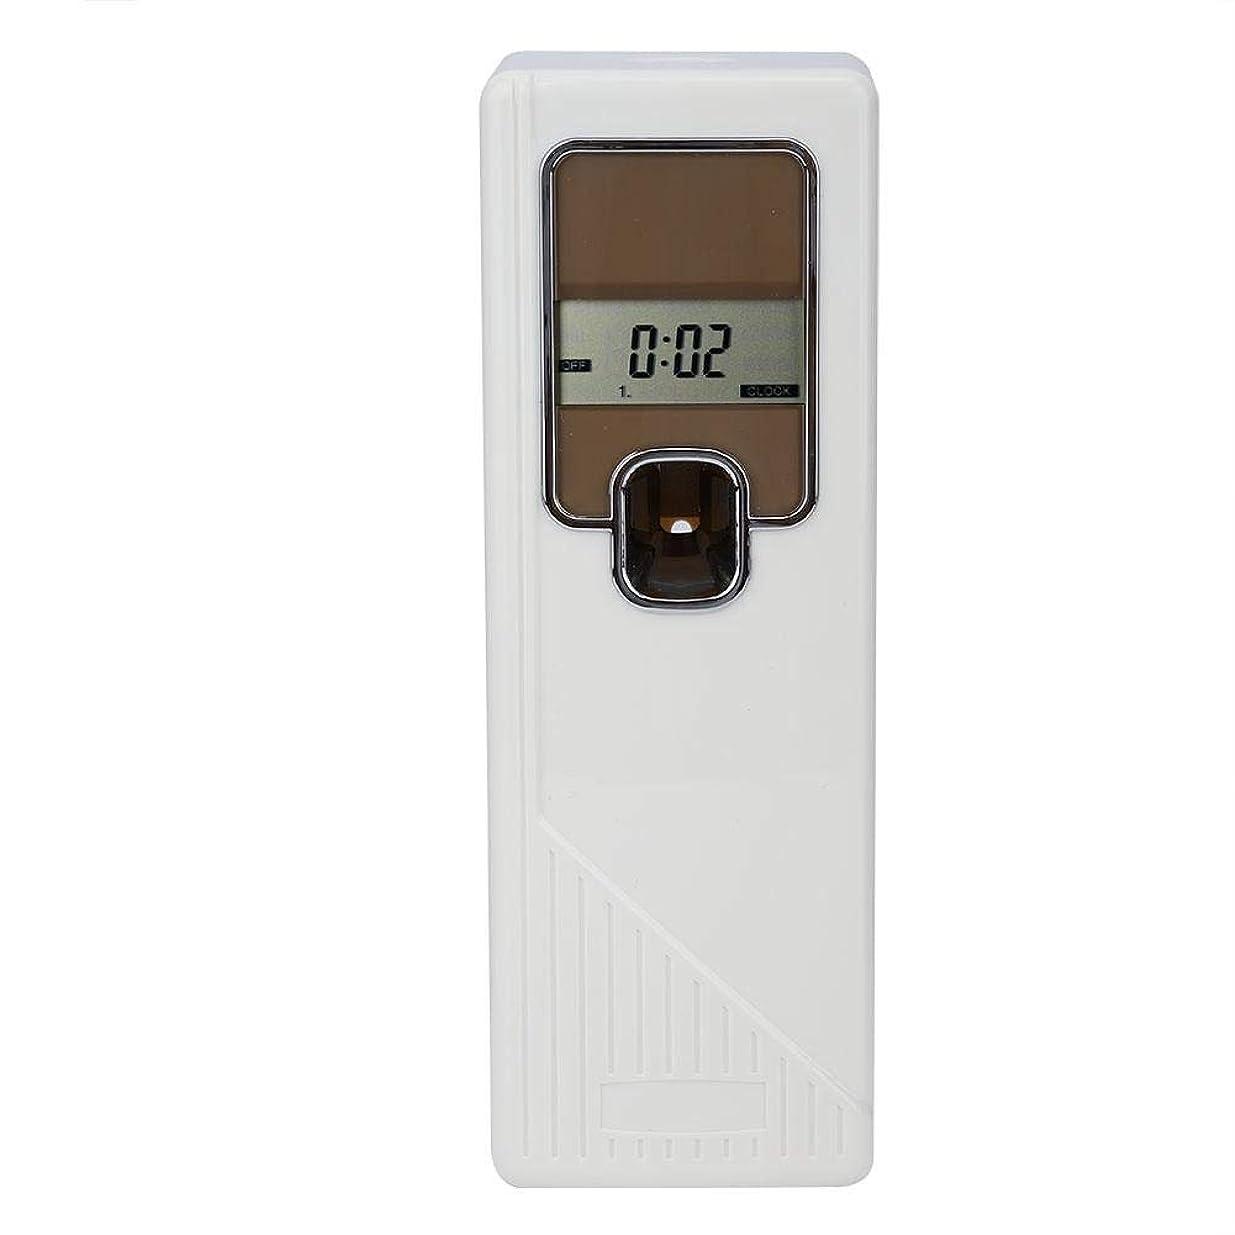 静的気候の山論理的アロマディフューザー 小型消臭器 エアゾールディスペンサー 設定時間 3つの動作モード LCD画面 家、企業の洗面所、居間、寝室、オフィス